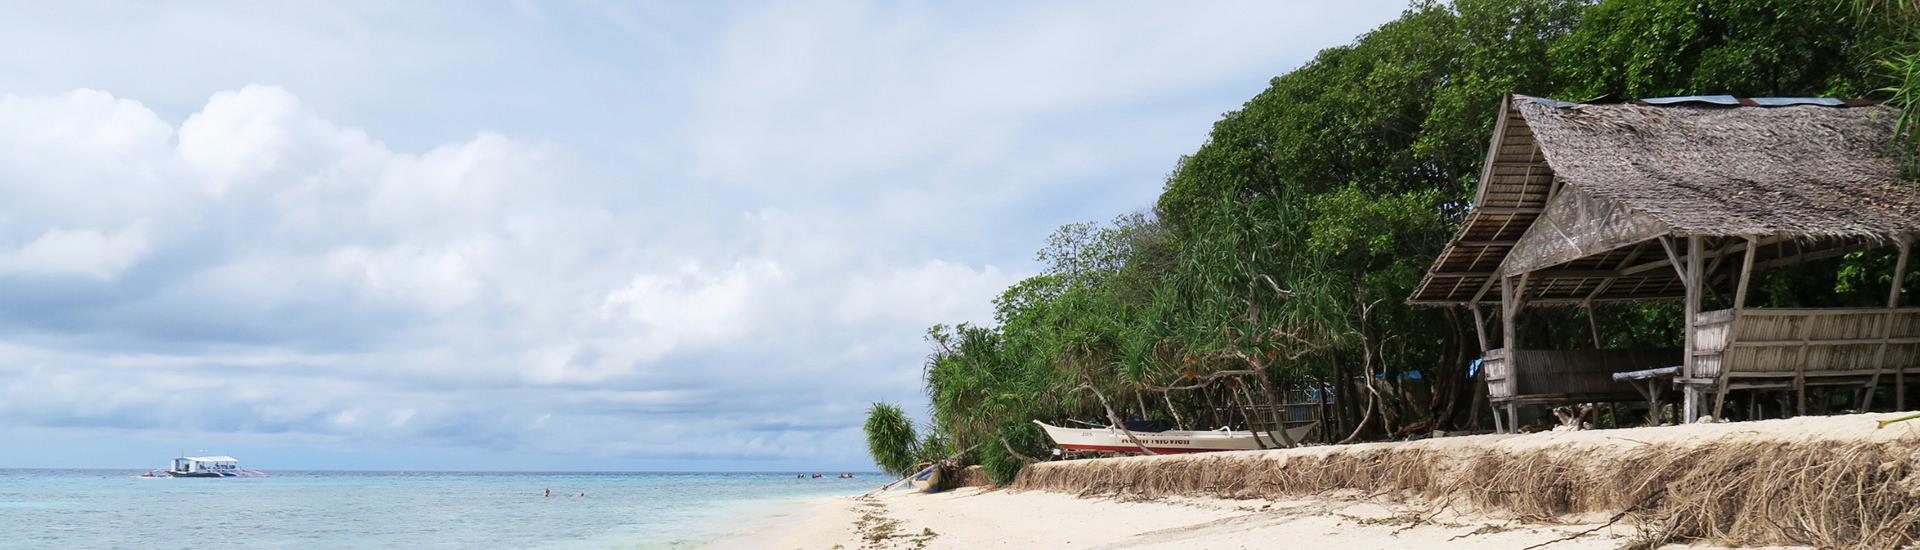 海とビーチと家